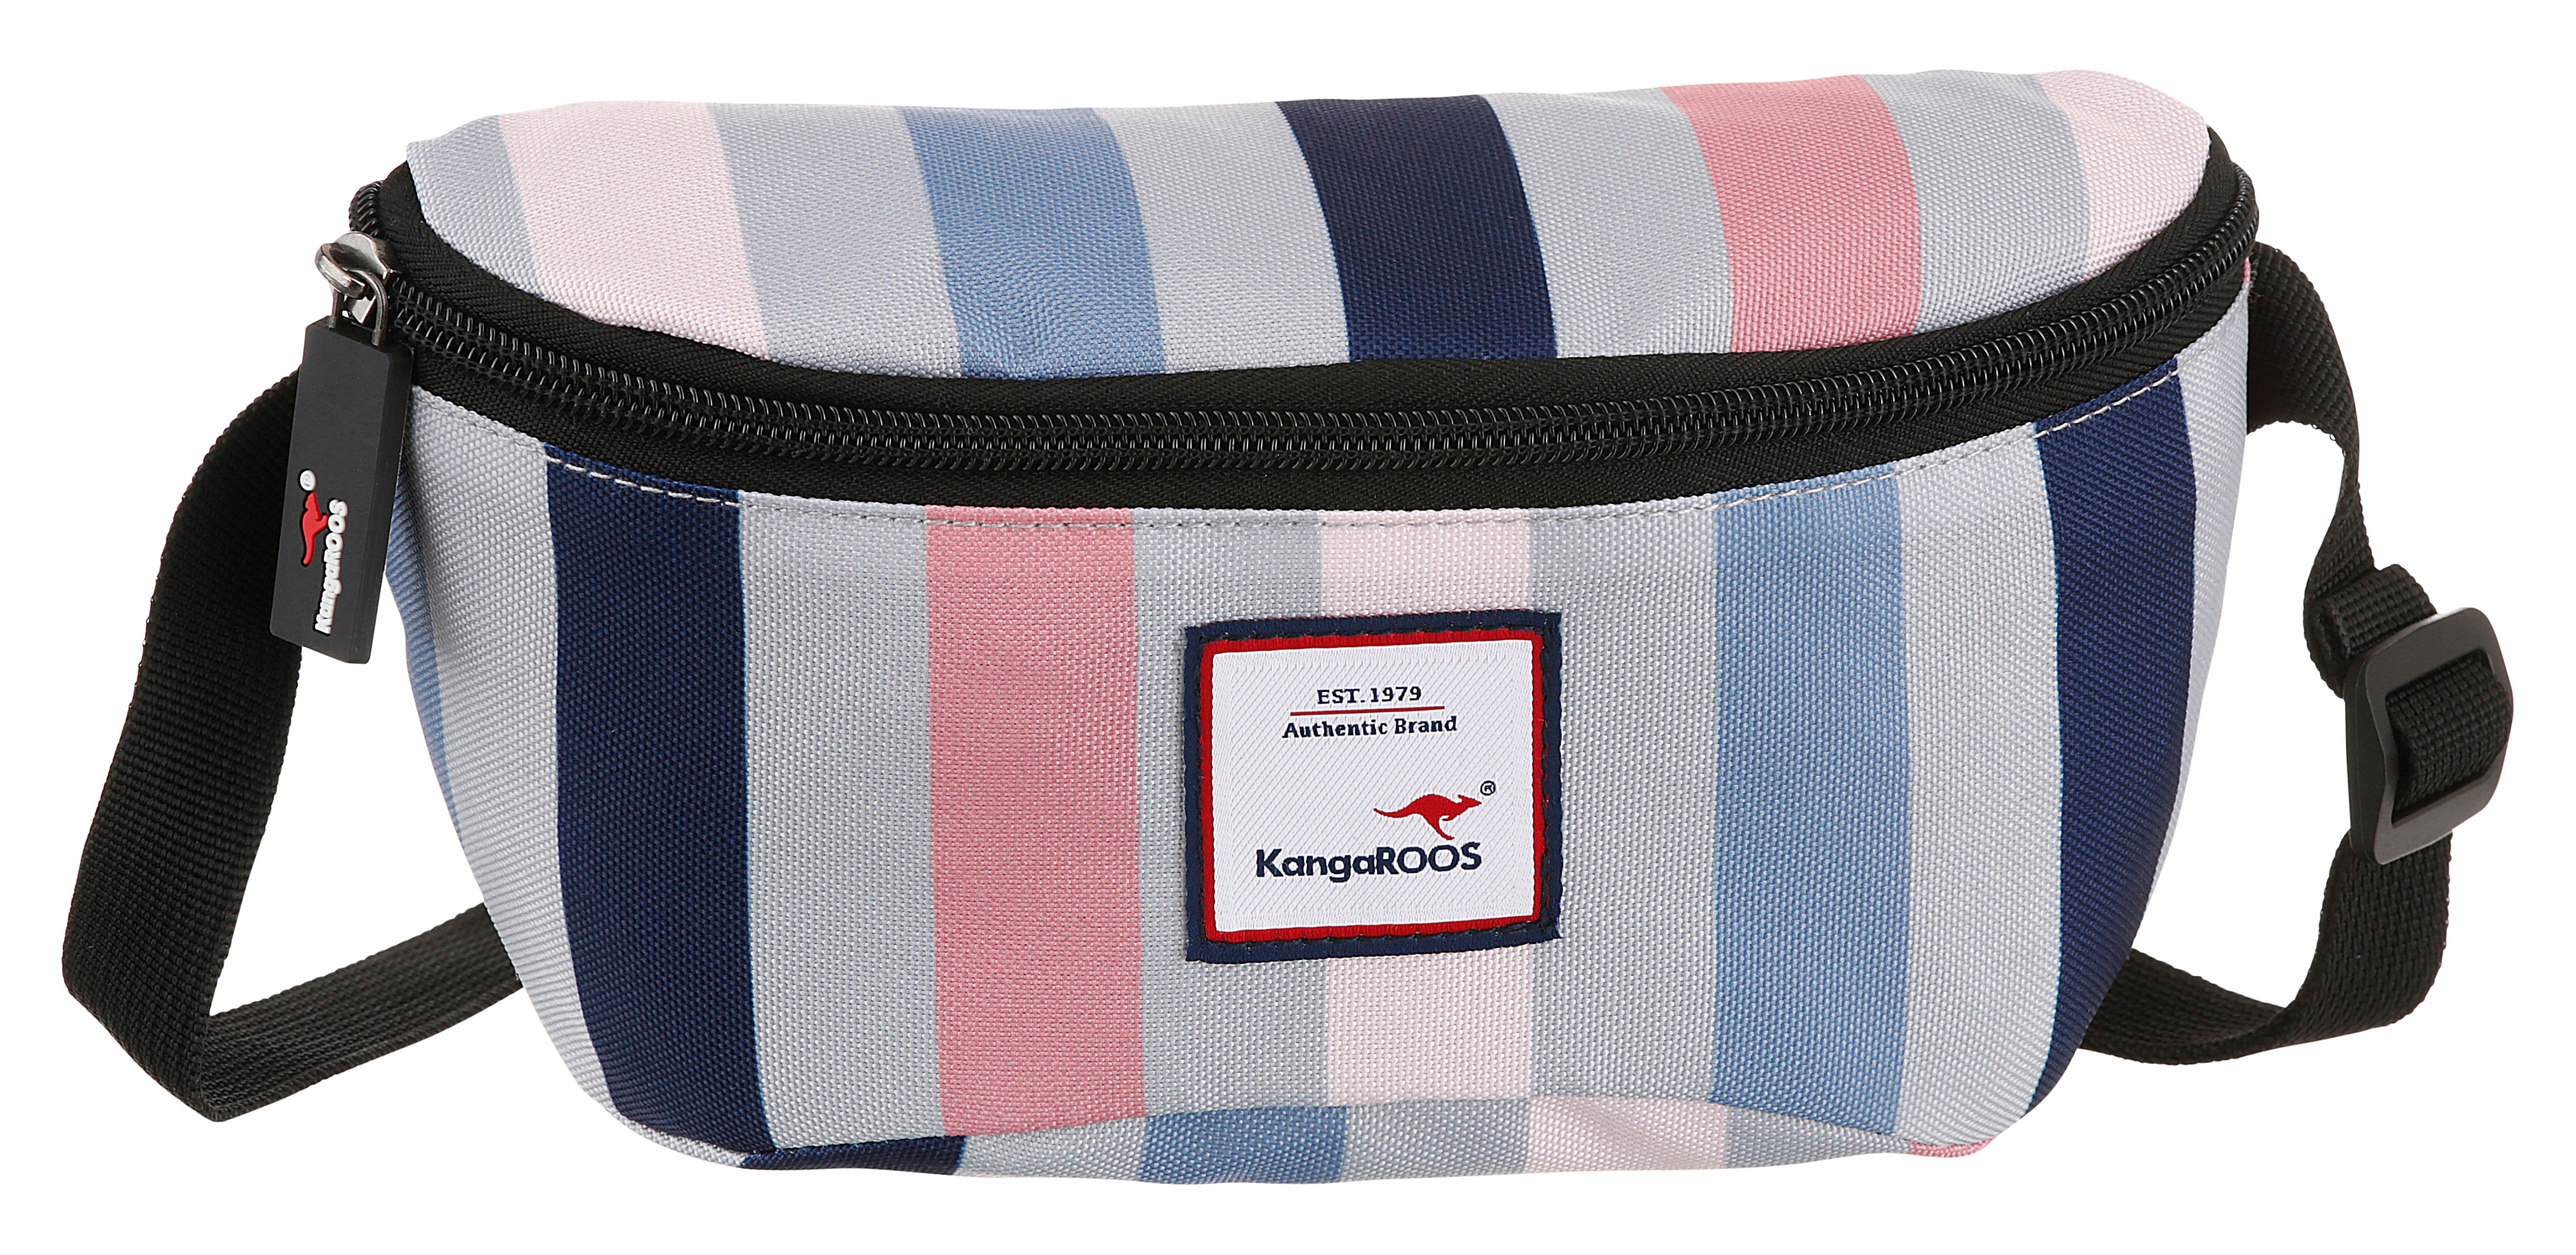 kangaroos -  Bauchtasche, mit praktischem Reißverschluss-Rückfach